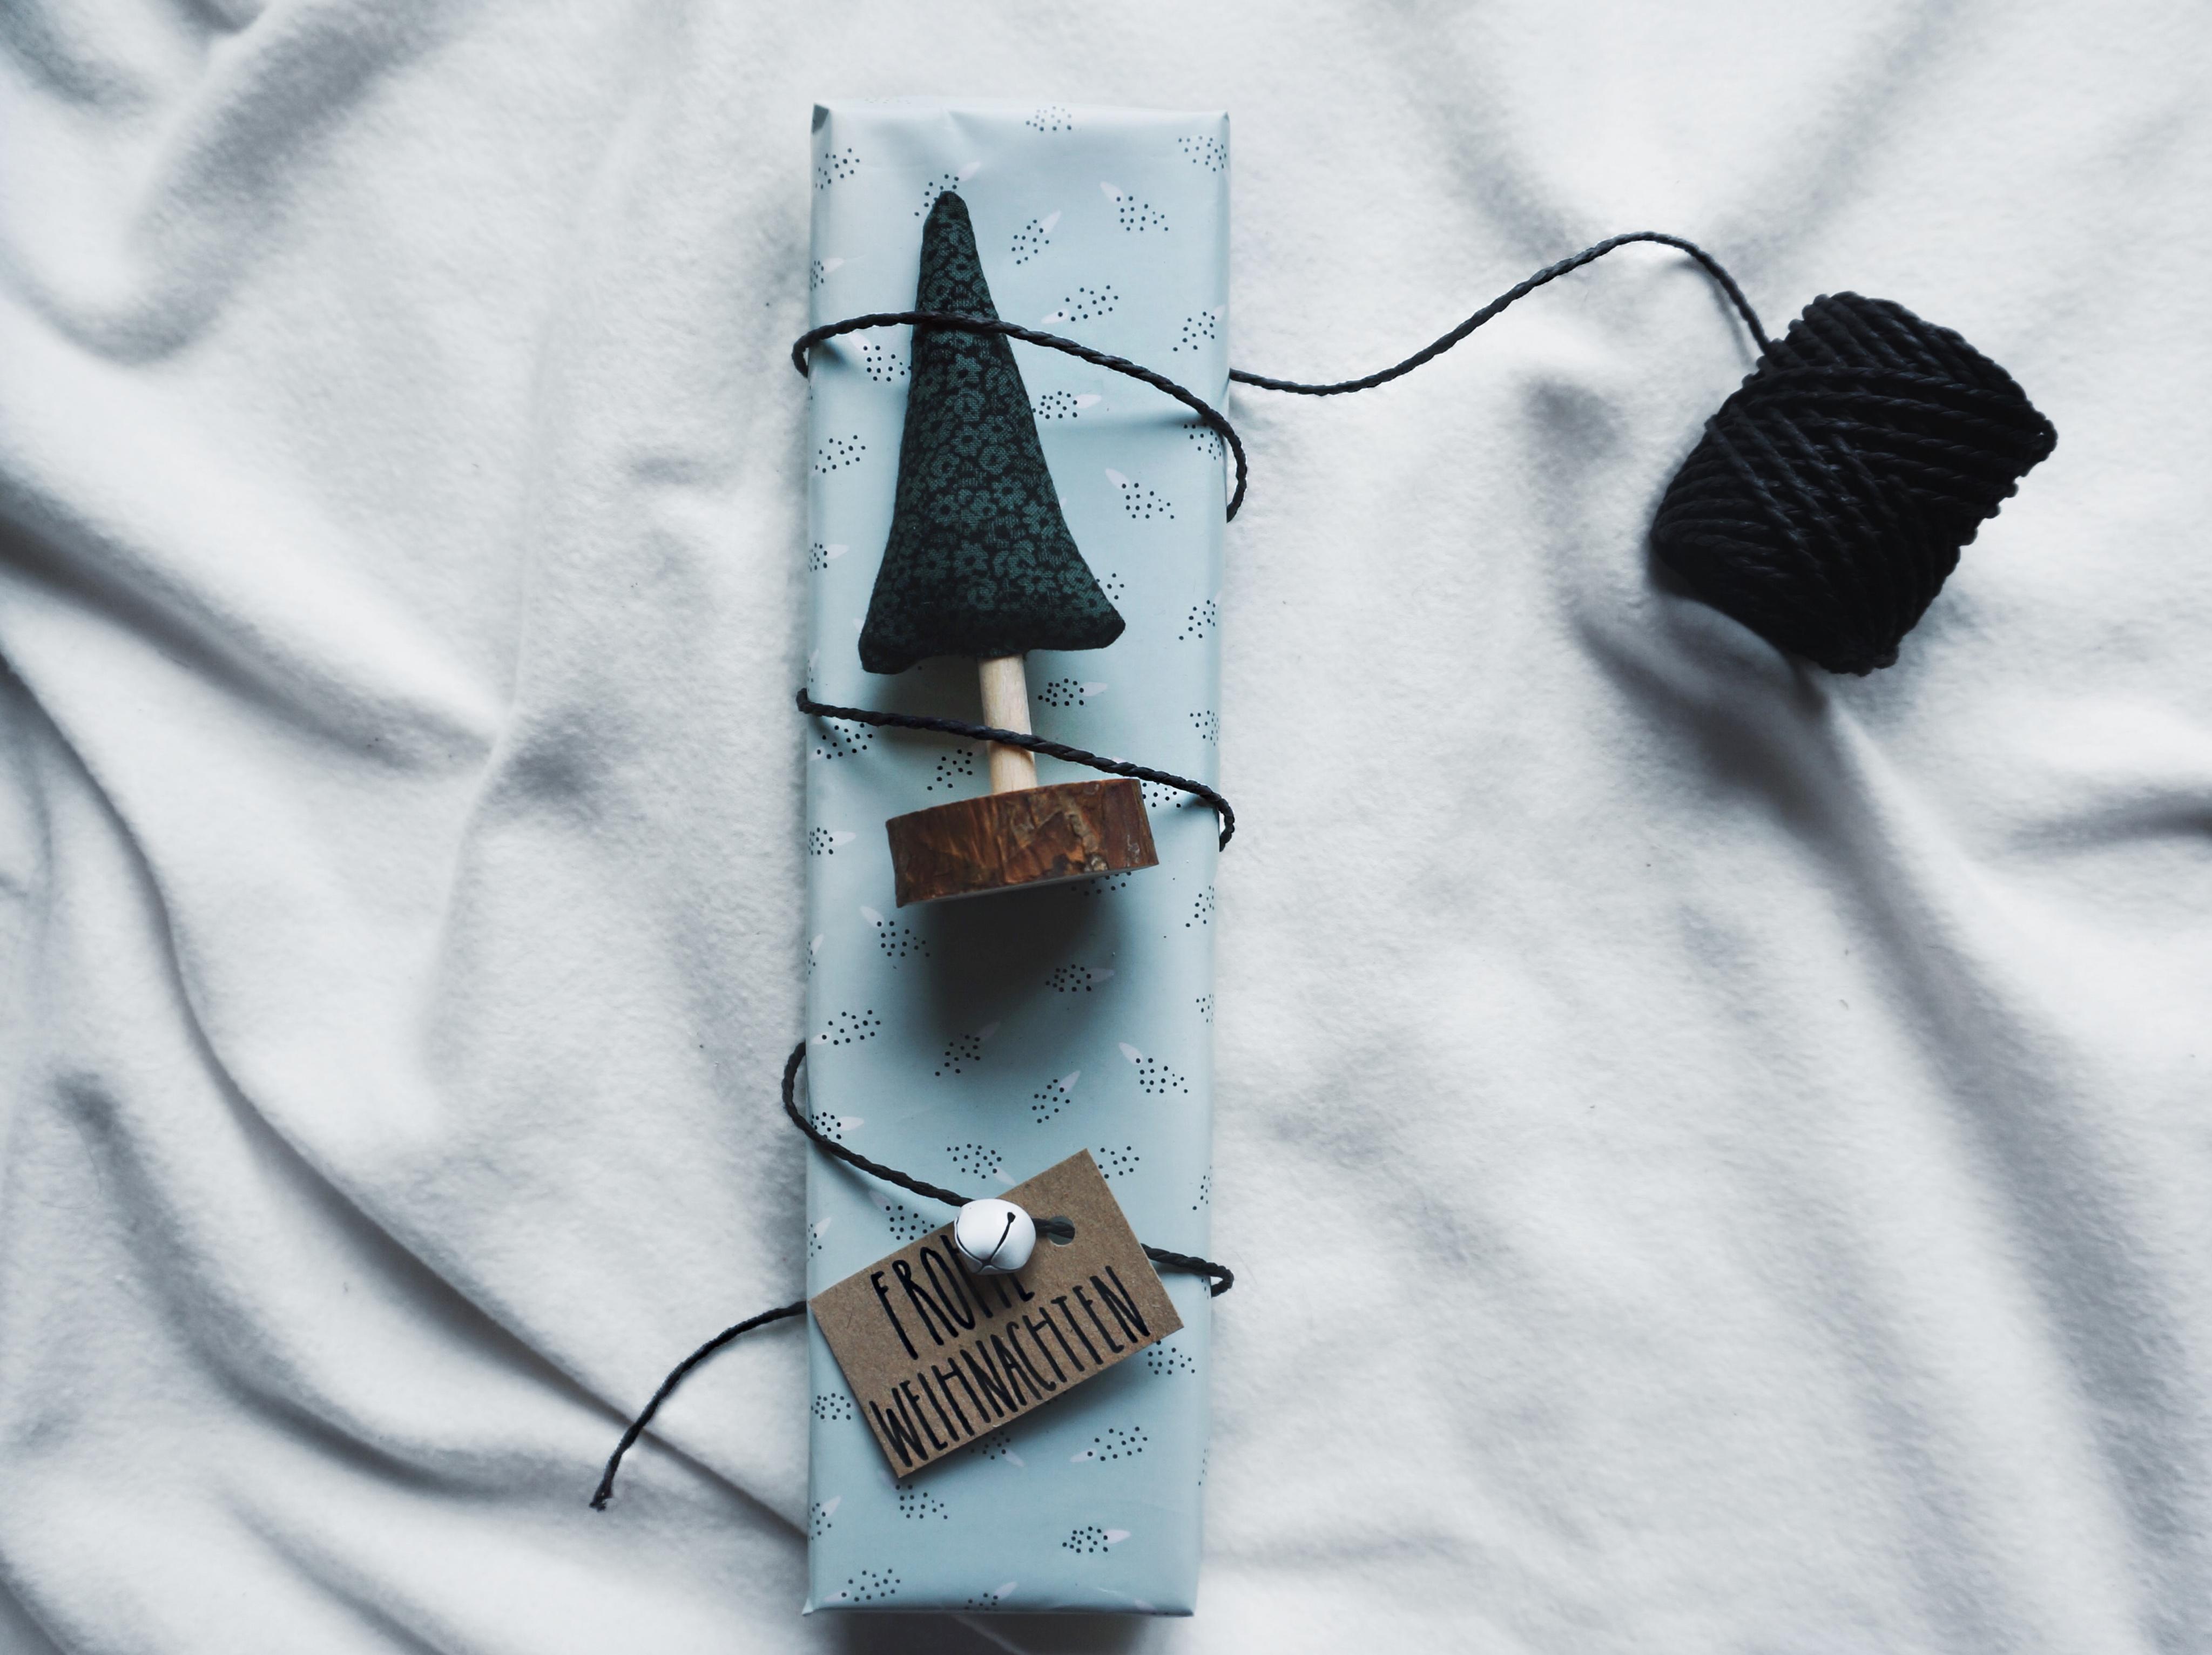 Geschenkidee Weihnachten Uhr Geschenke Uhr Lichterkette Uhr Frauen messe silber schlicht